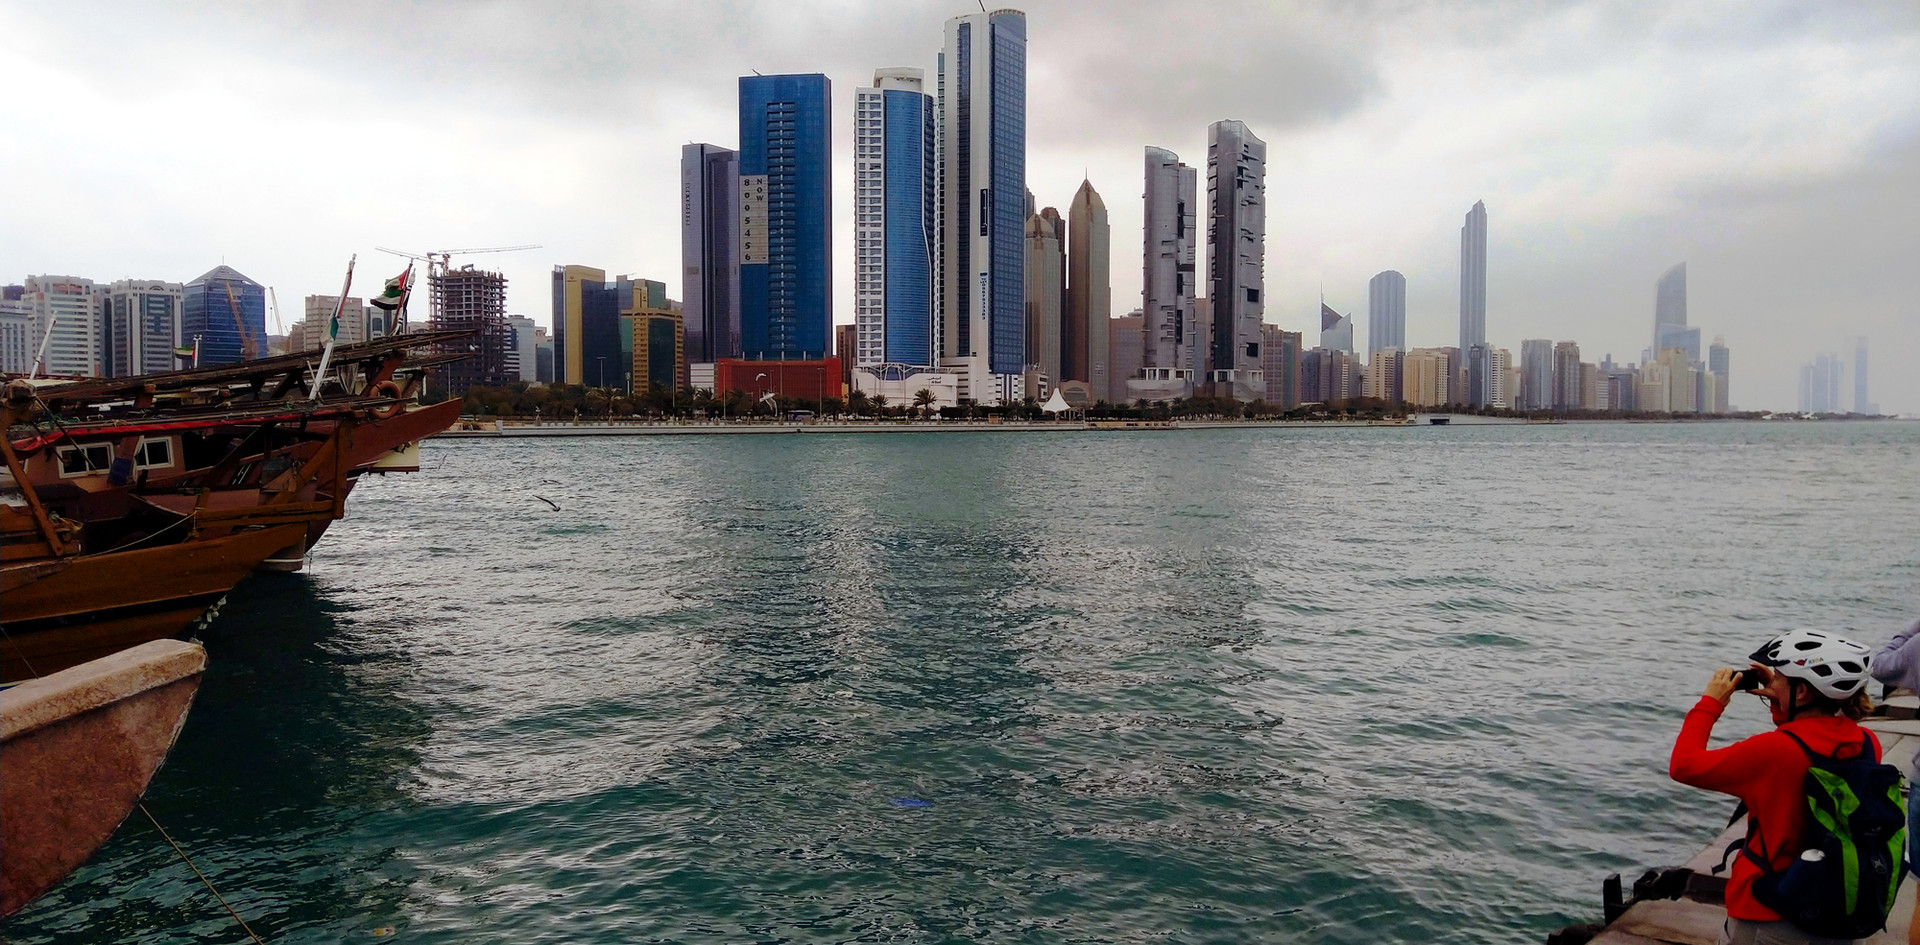 Vereinigte Arabische Emirate, Abu Dhabi